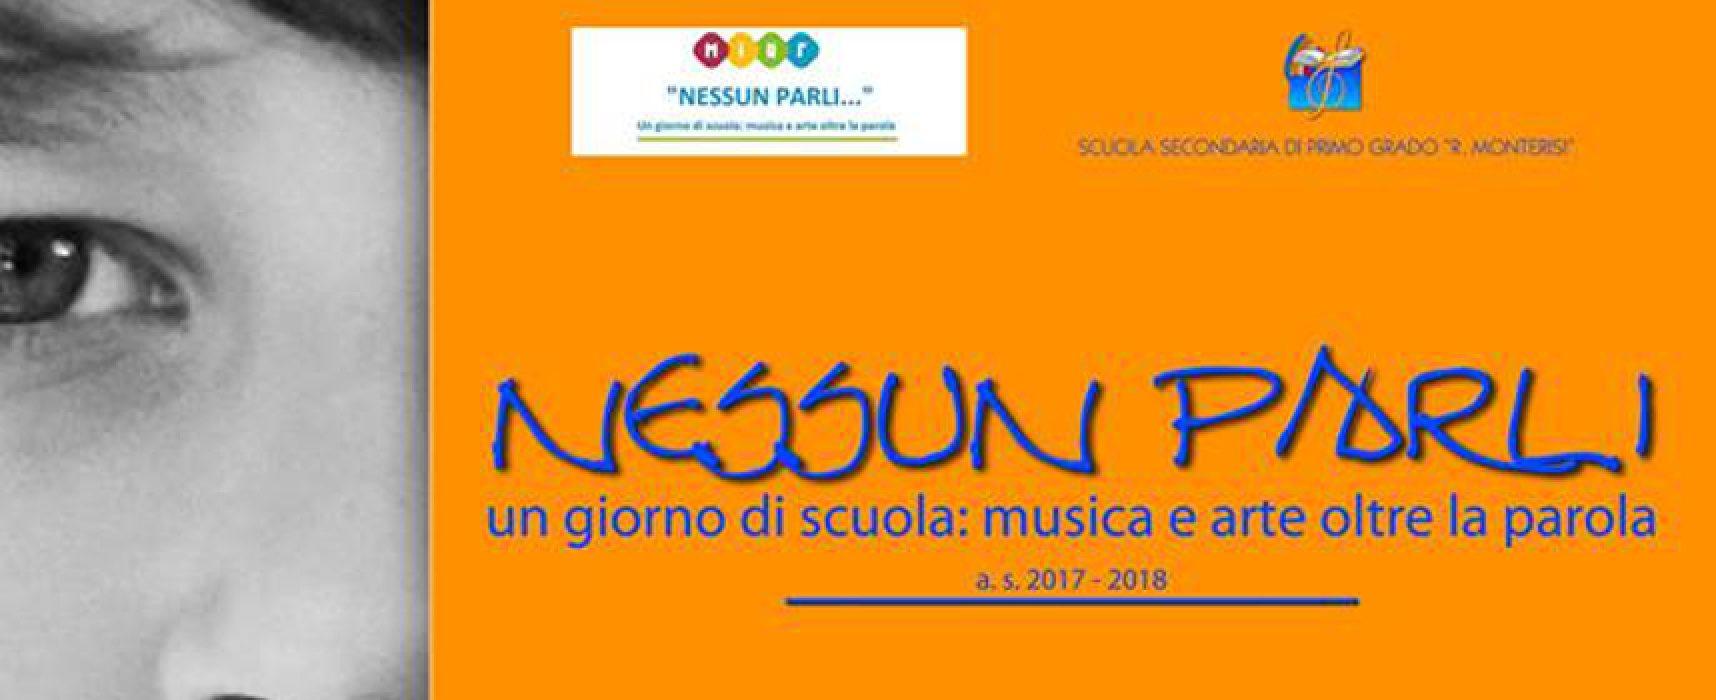 """""""Nessun parli…"""" iniziativa dedicata alla musica e all'arte accolta dalla scuola Riccardo Monterisi"""